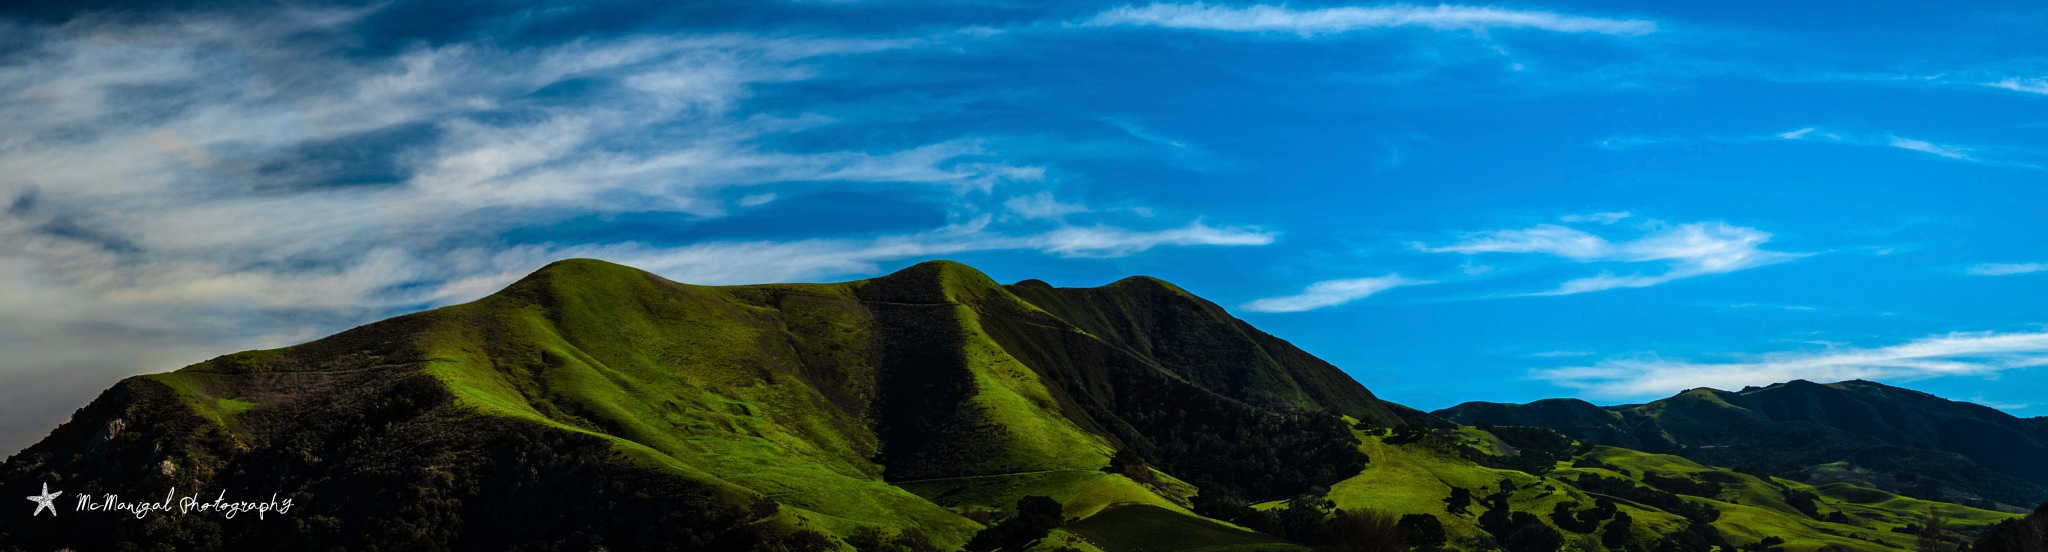 CA central coast.  by PatrickMcManigal